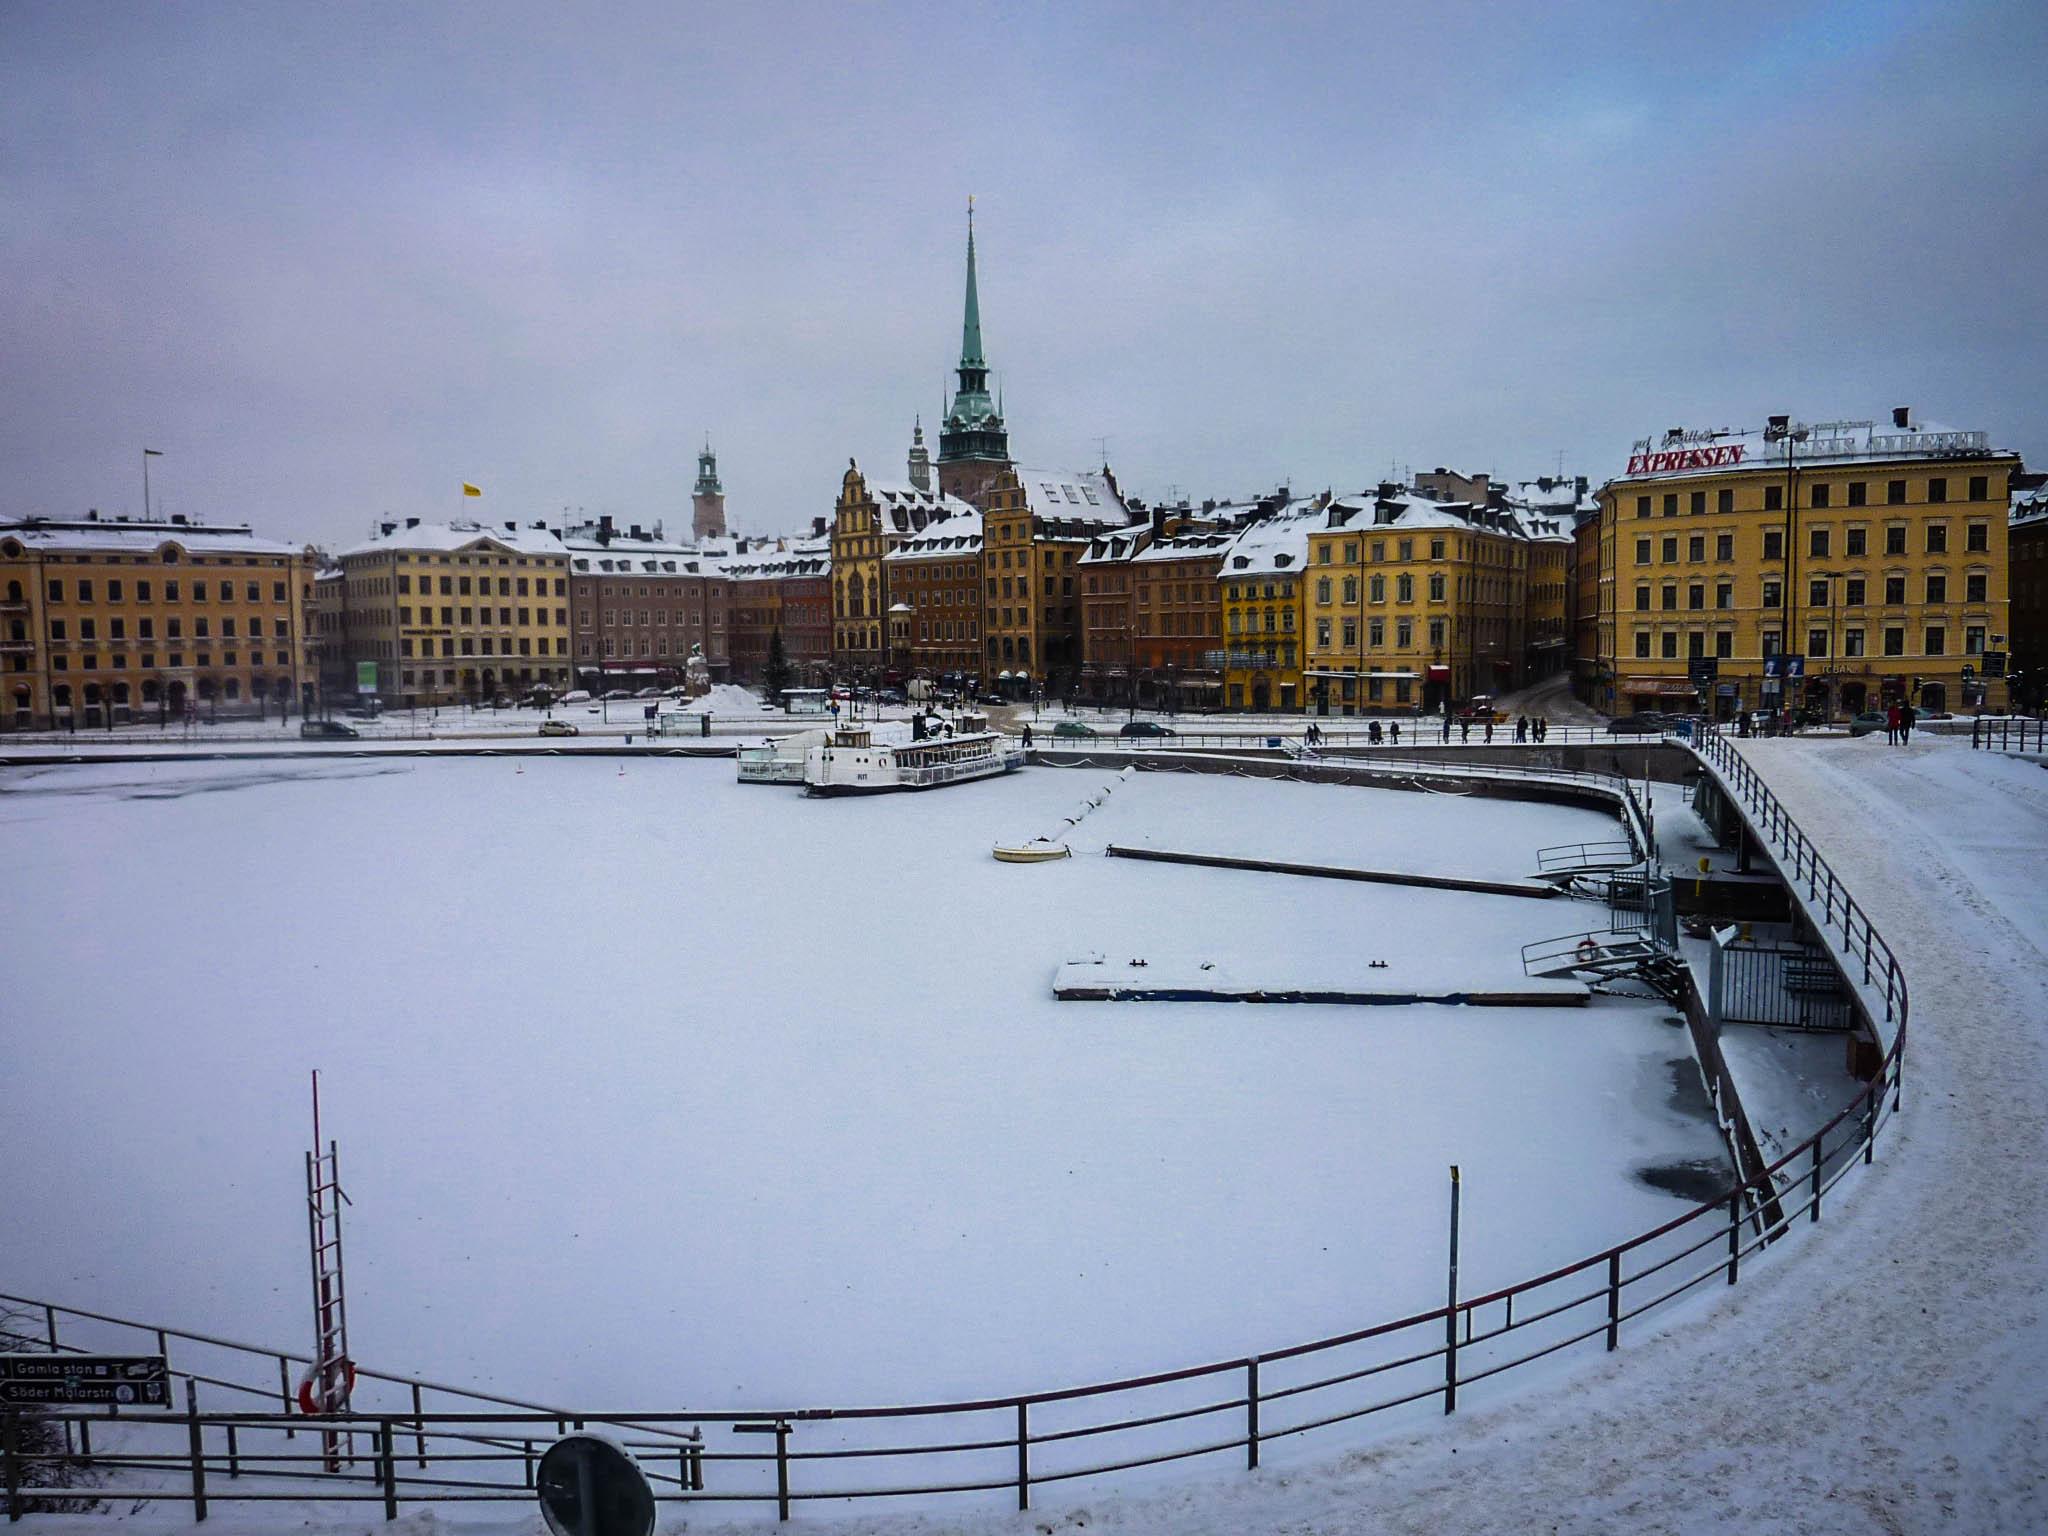 Sweden - Gamla Stan in Winter